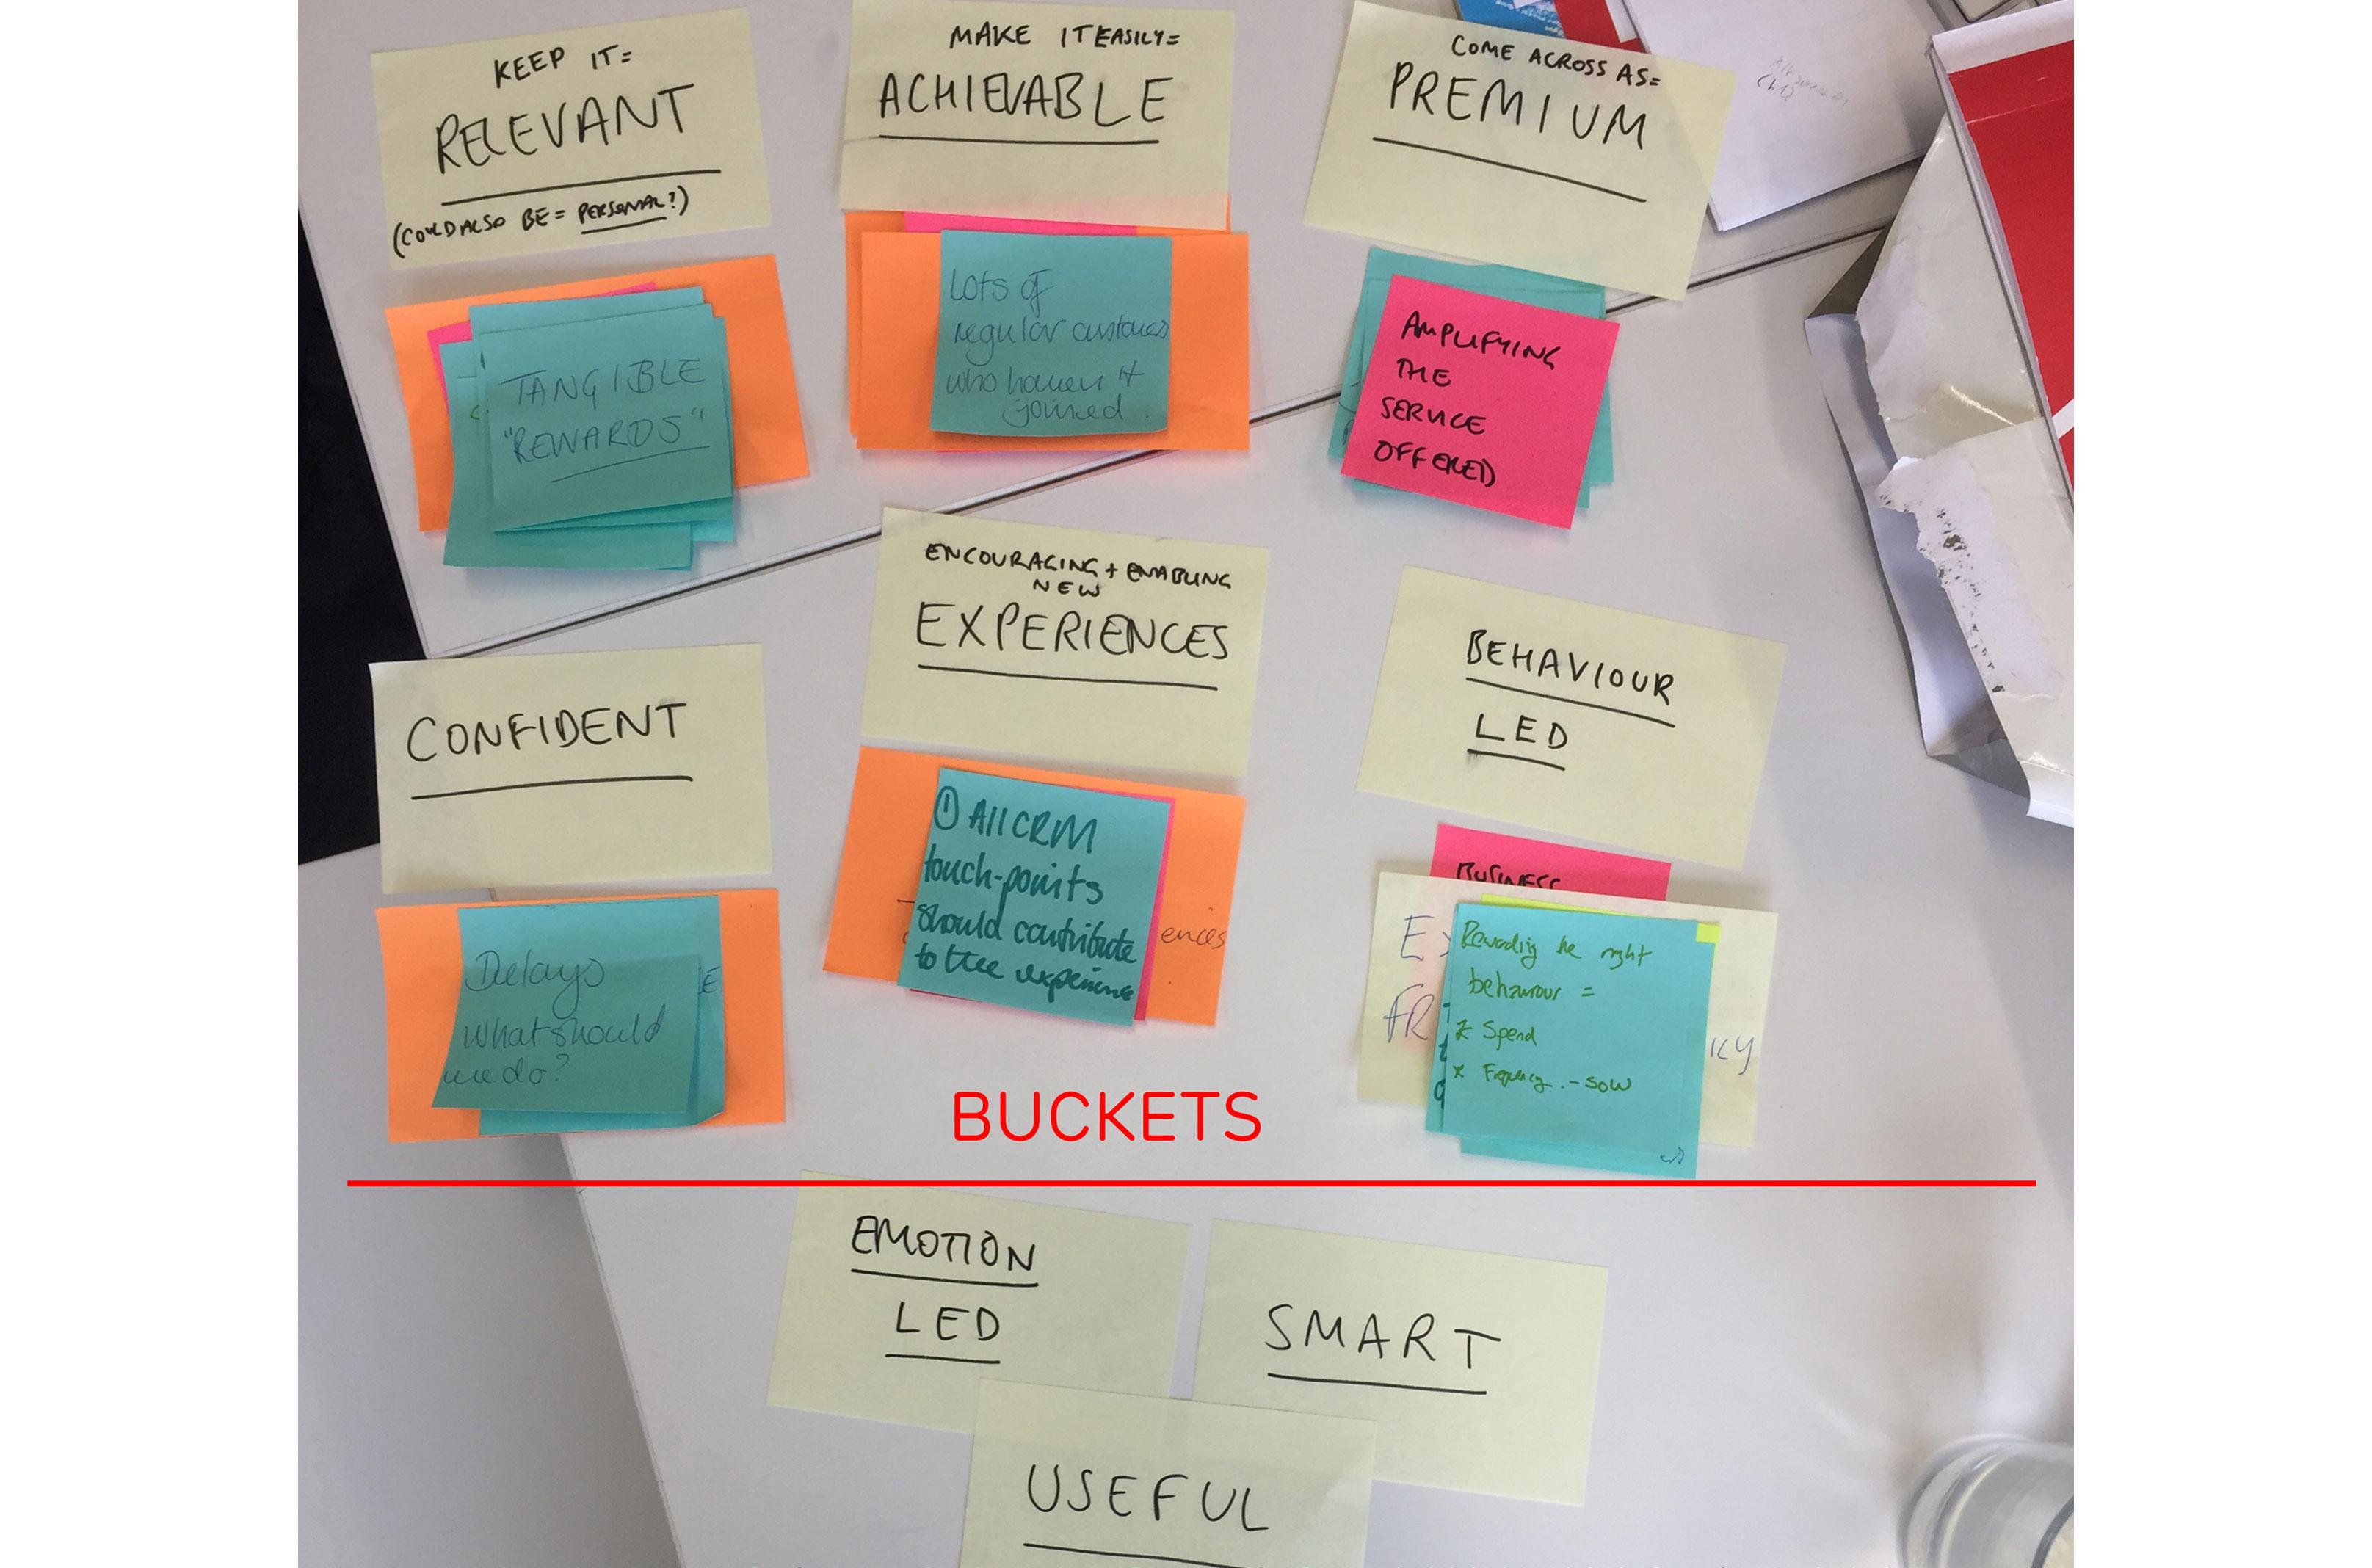 bucketing